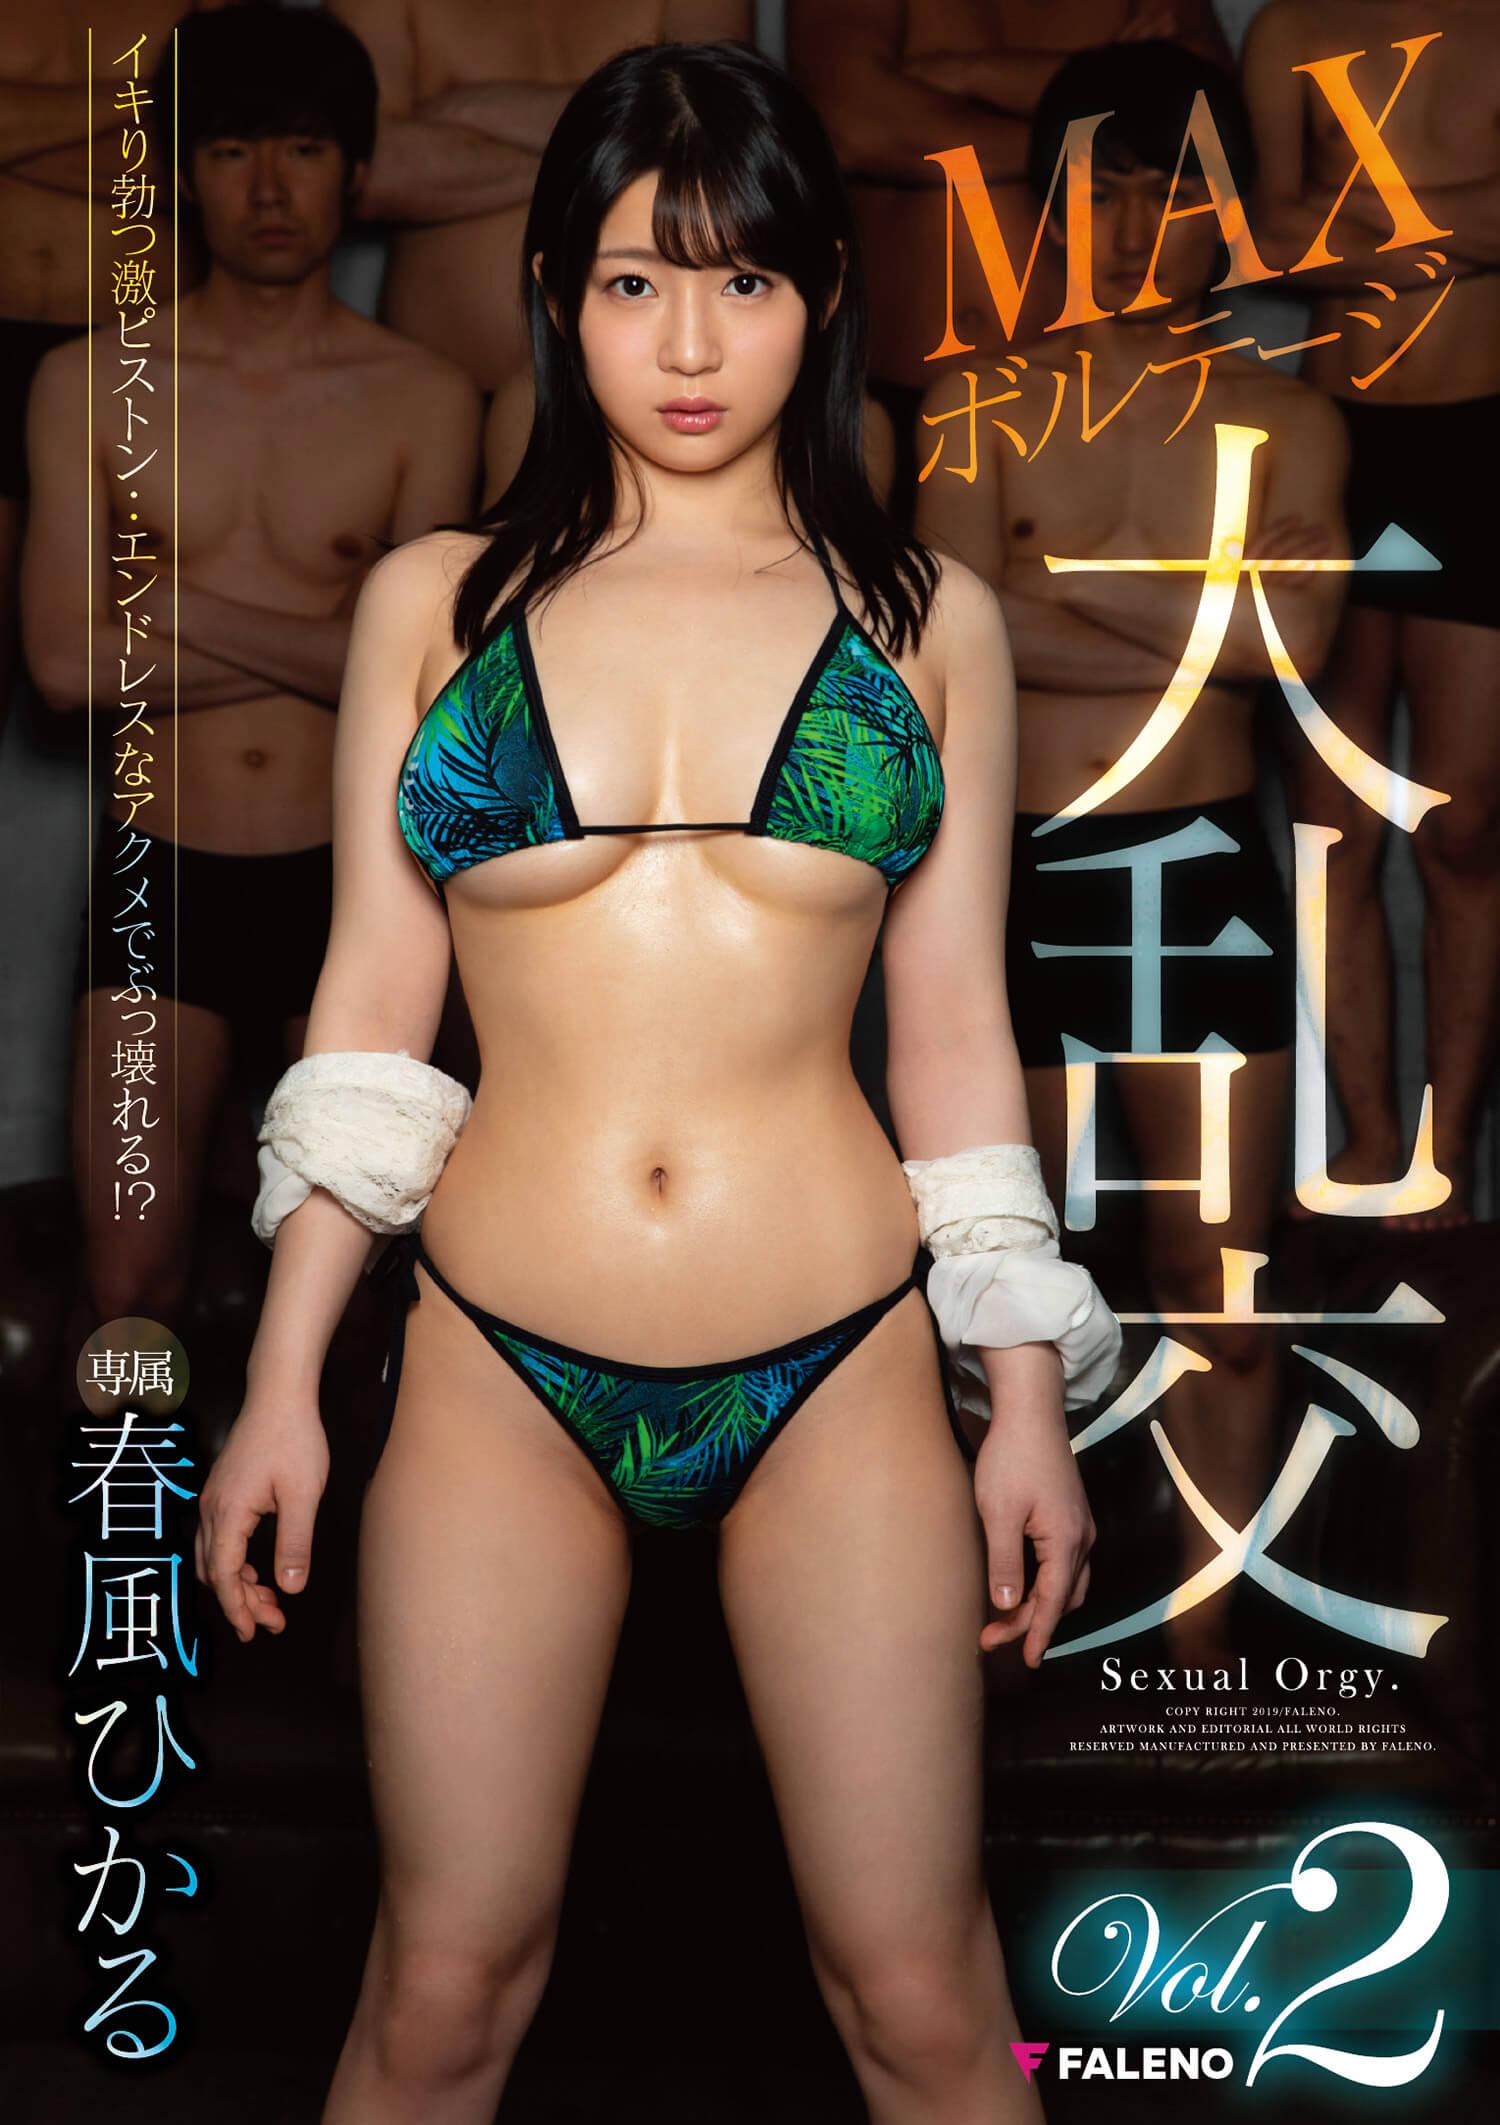 MAXボルテージ大乱交 Vol.2